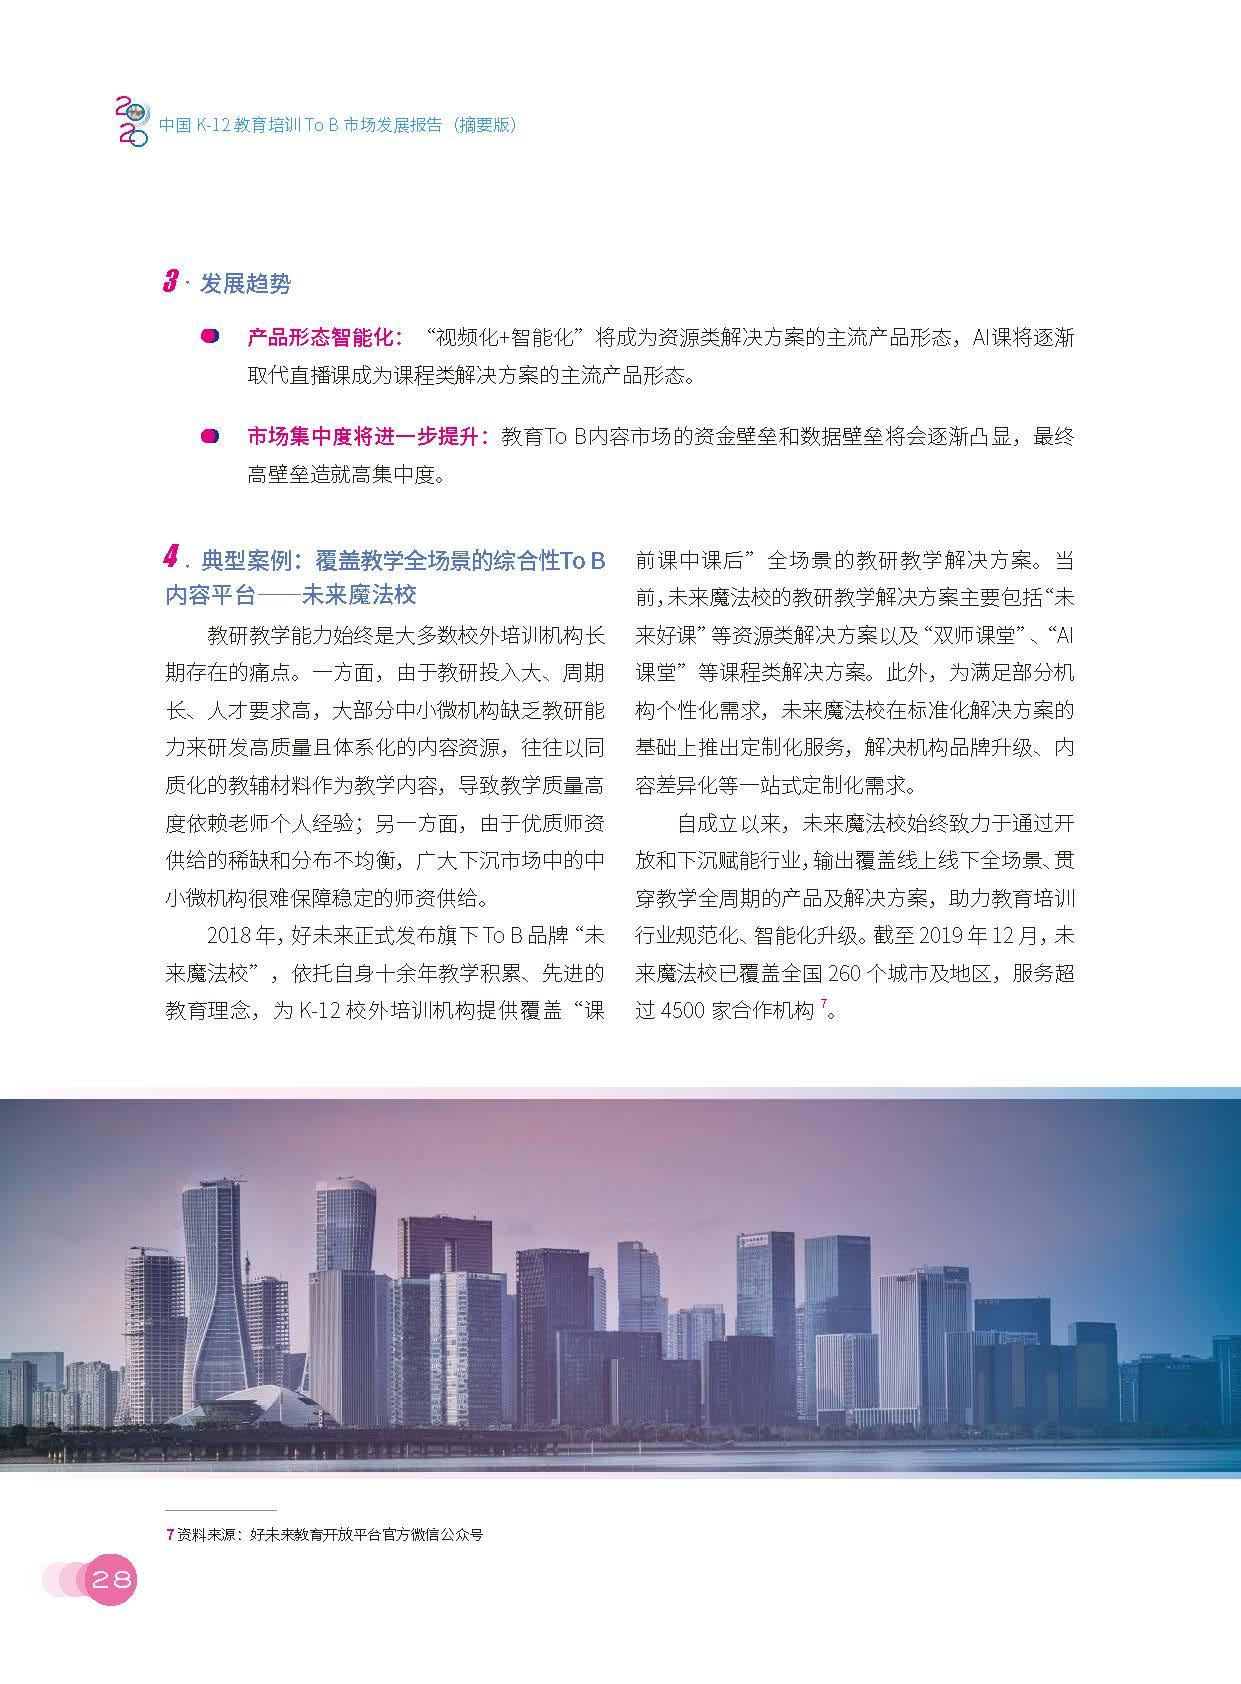 中国教育科学研究院:2020中国K~12教育培训To B市场发展报告(56页)_页面_31.jpg